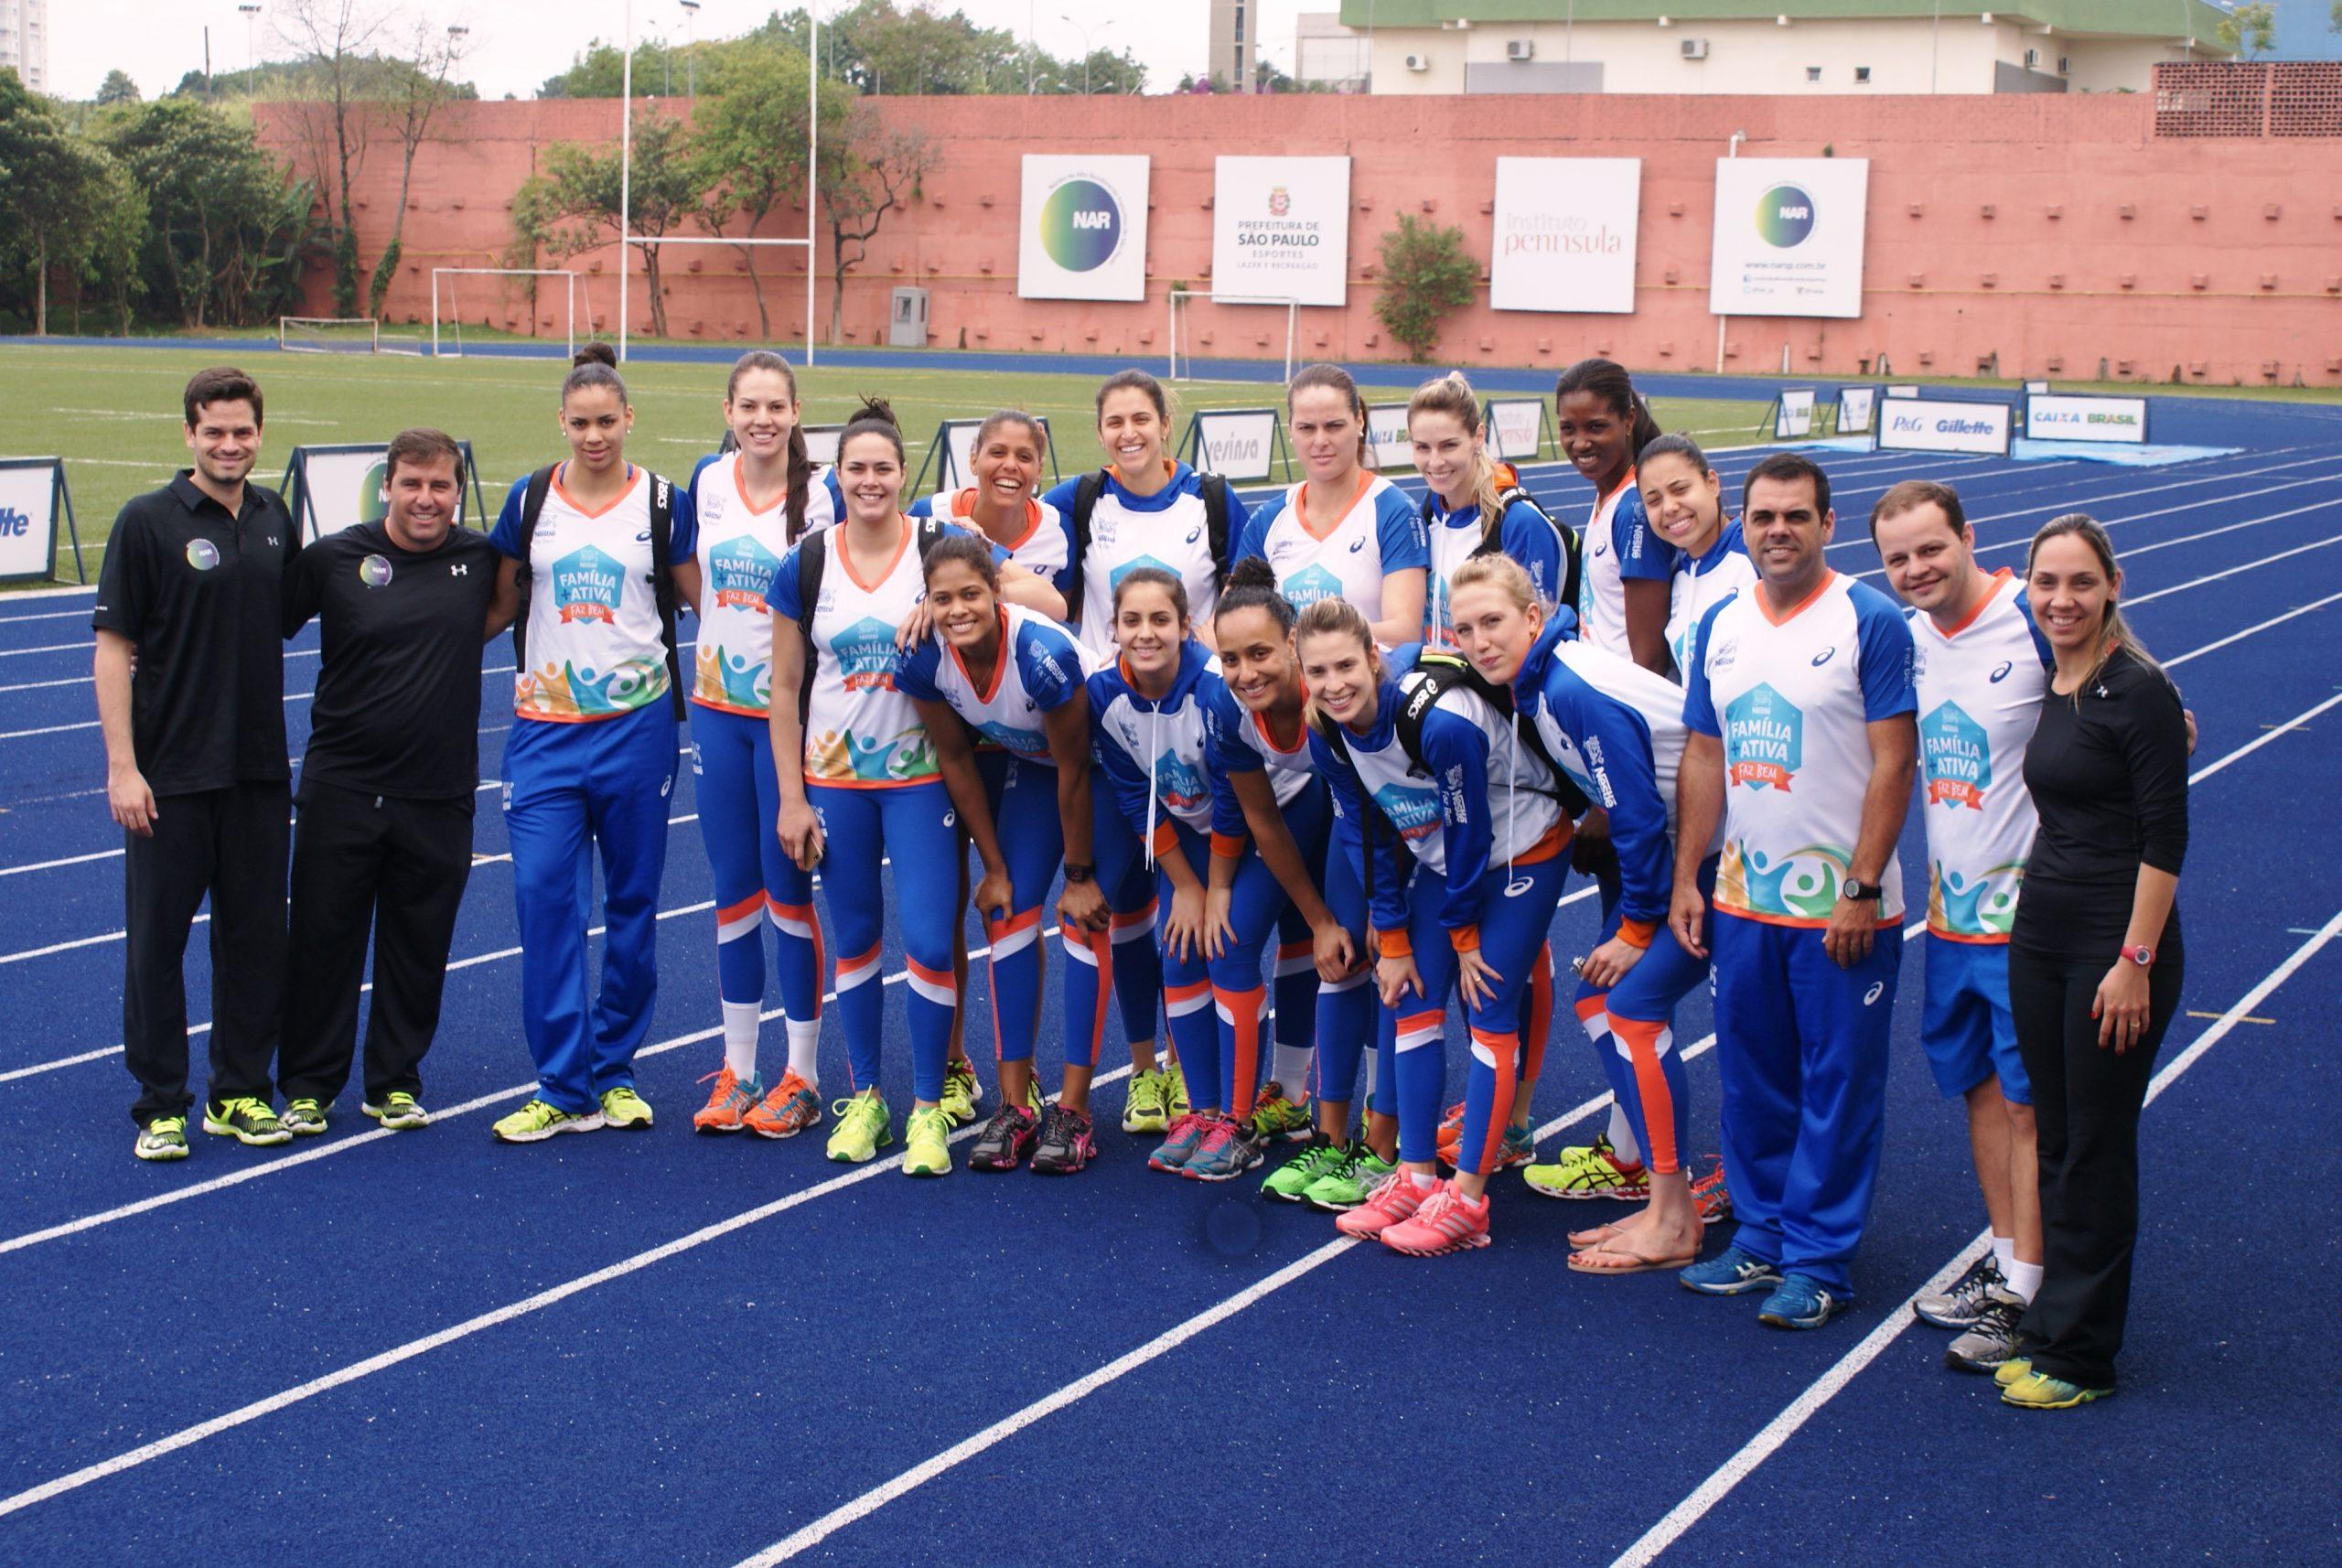 Campeã paulista e repleta de atletas olímpicas e de seleção, equipe de vôlei Nestlé/Osasco é avaliada no NAR